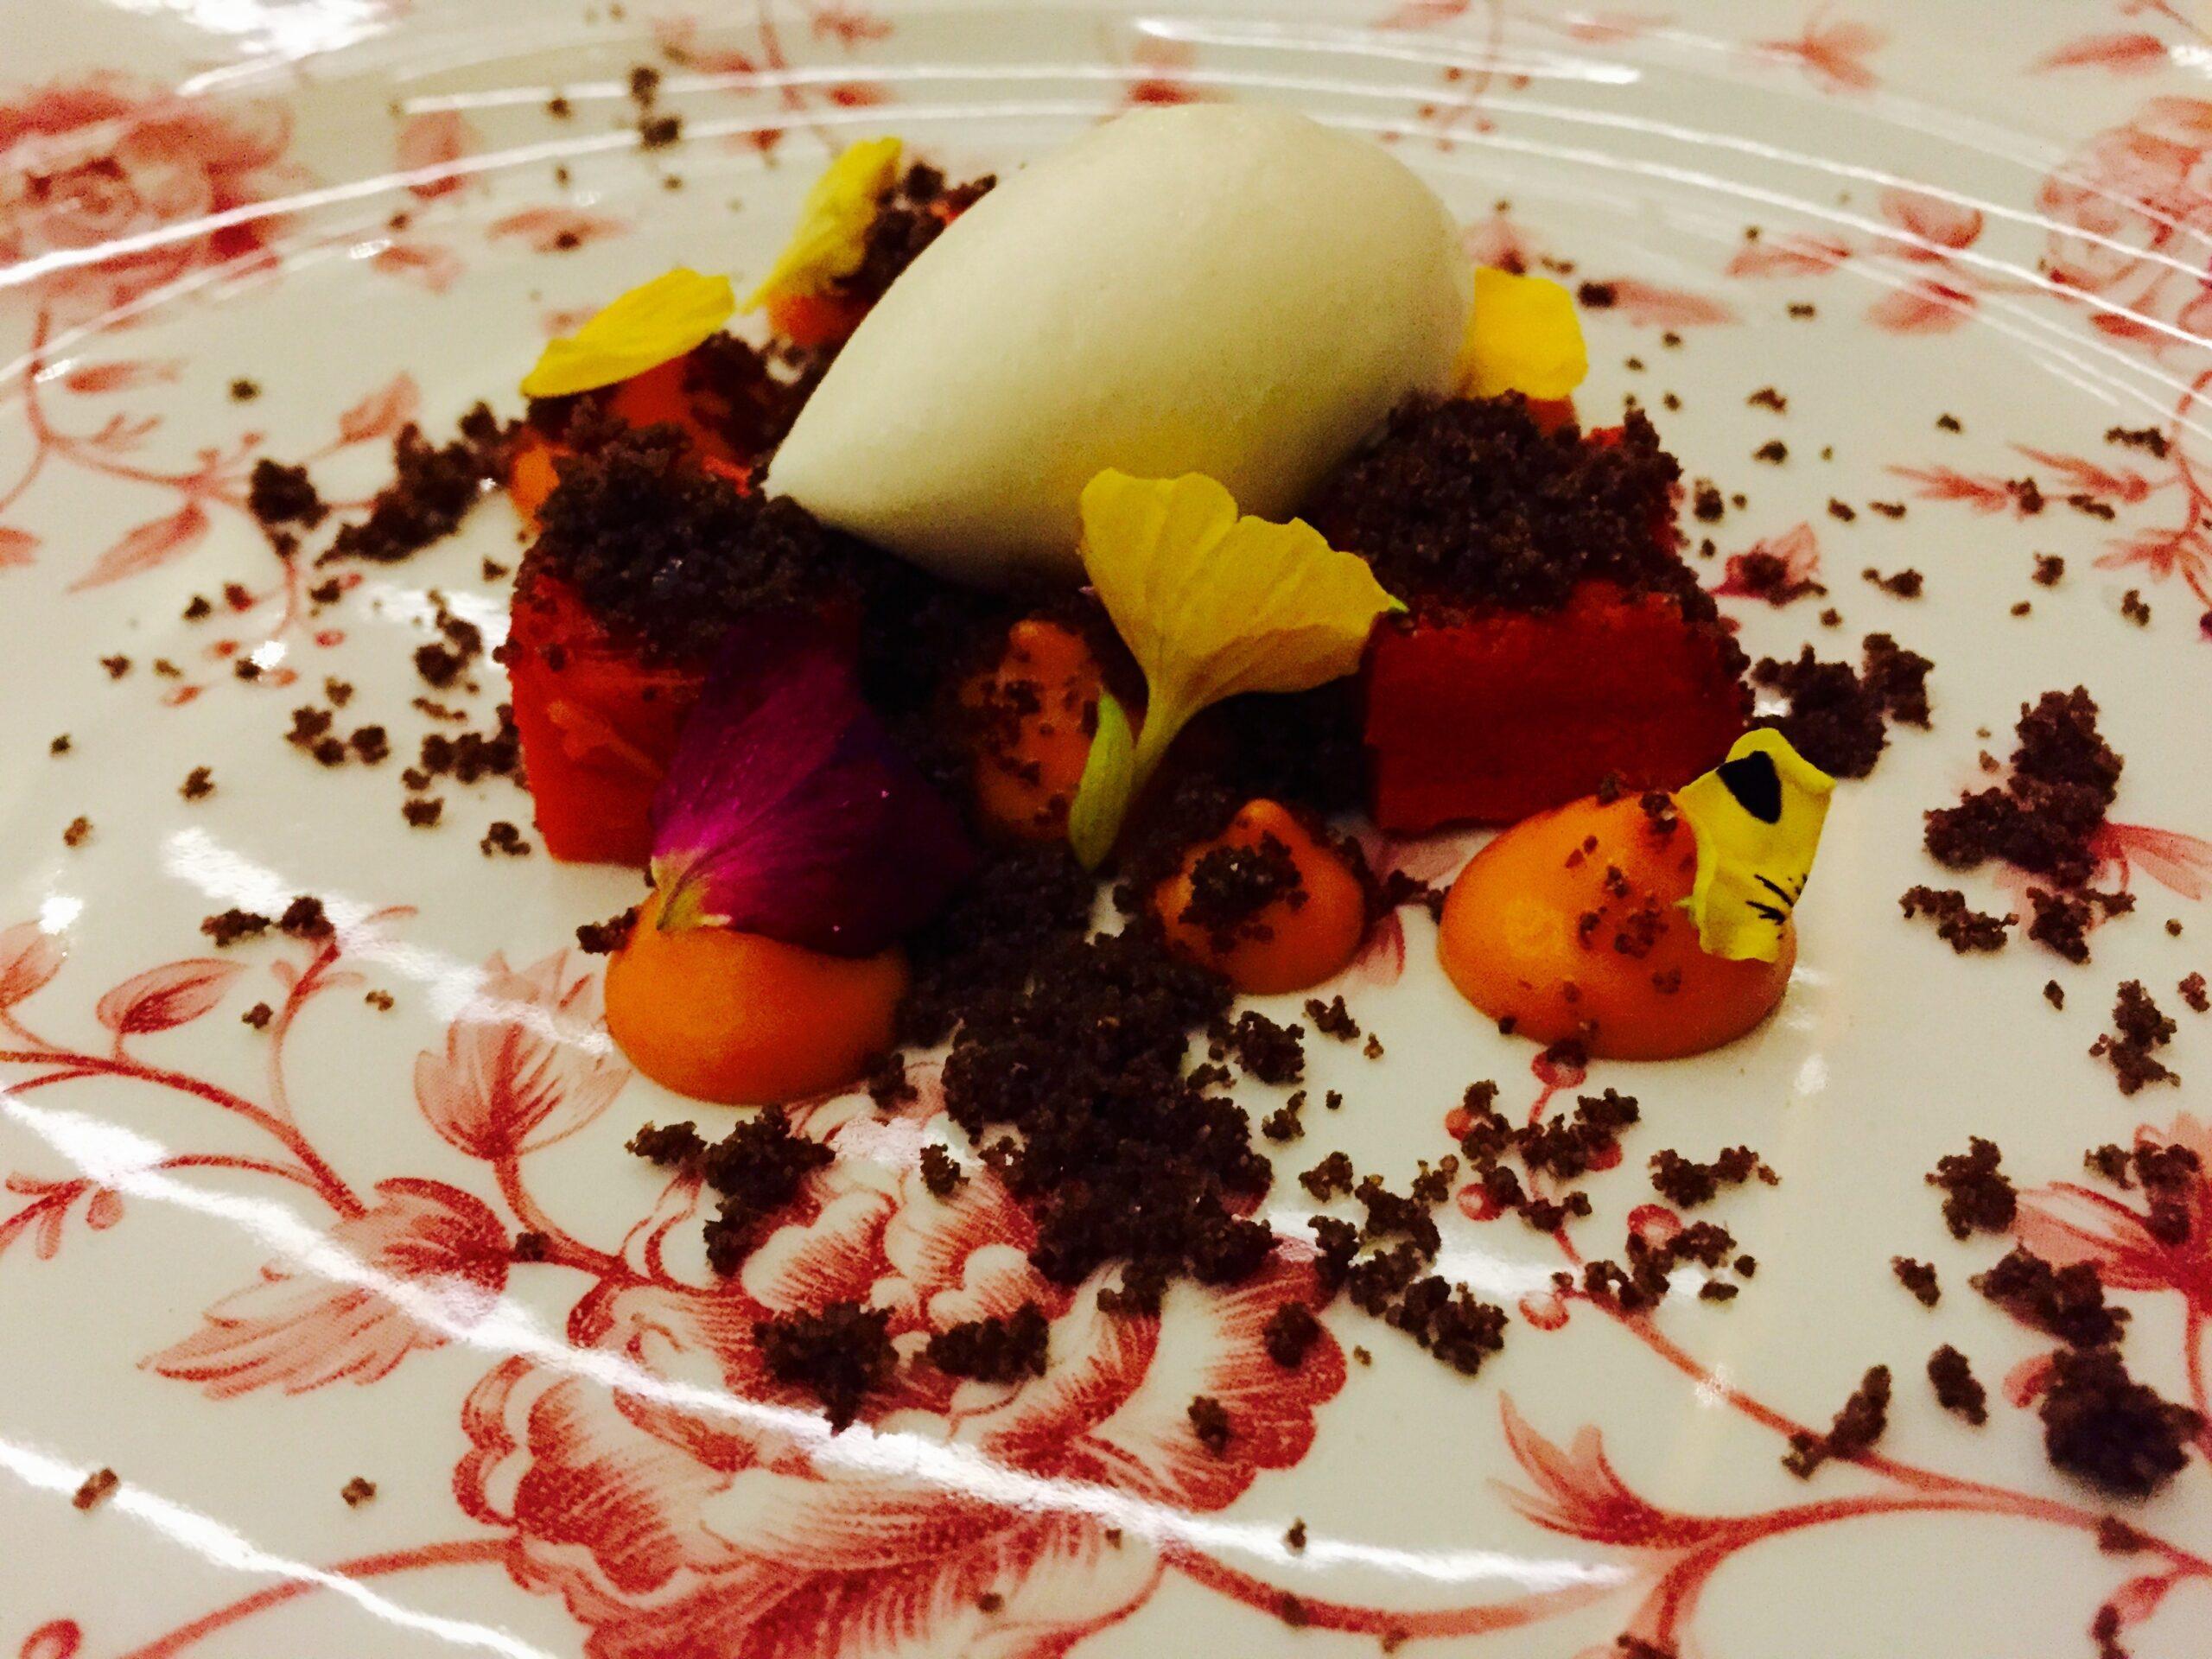 Dessert at Quintonil